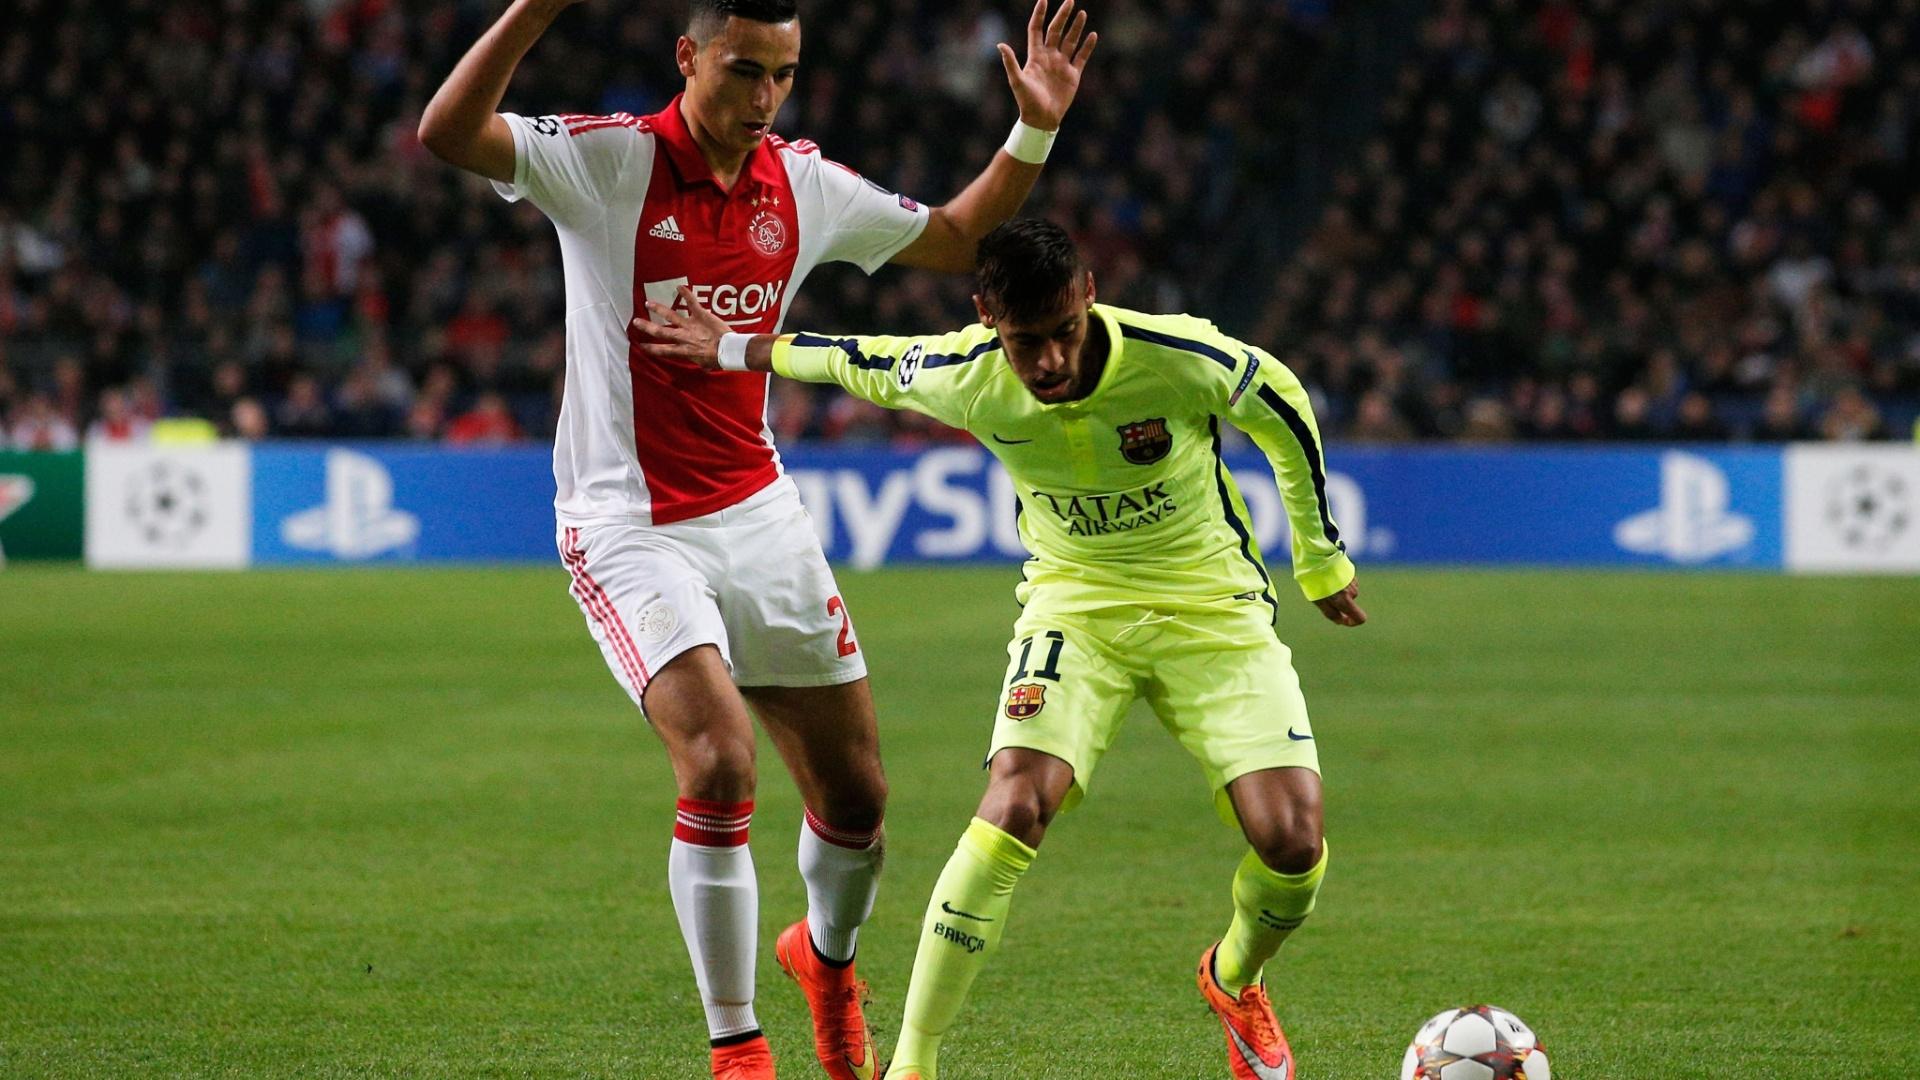 Neymar, do Barcelona, protege a bola de Anwar El Ghazi, do Ajax, em jogo da Liga dos Campeões